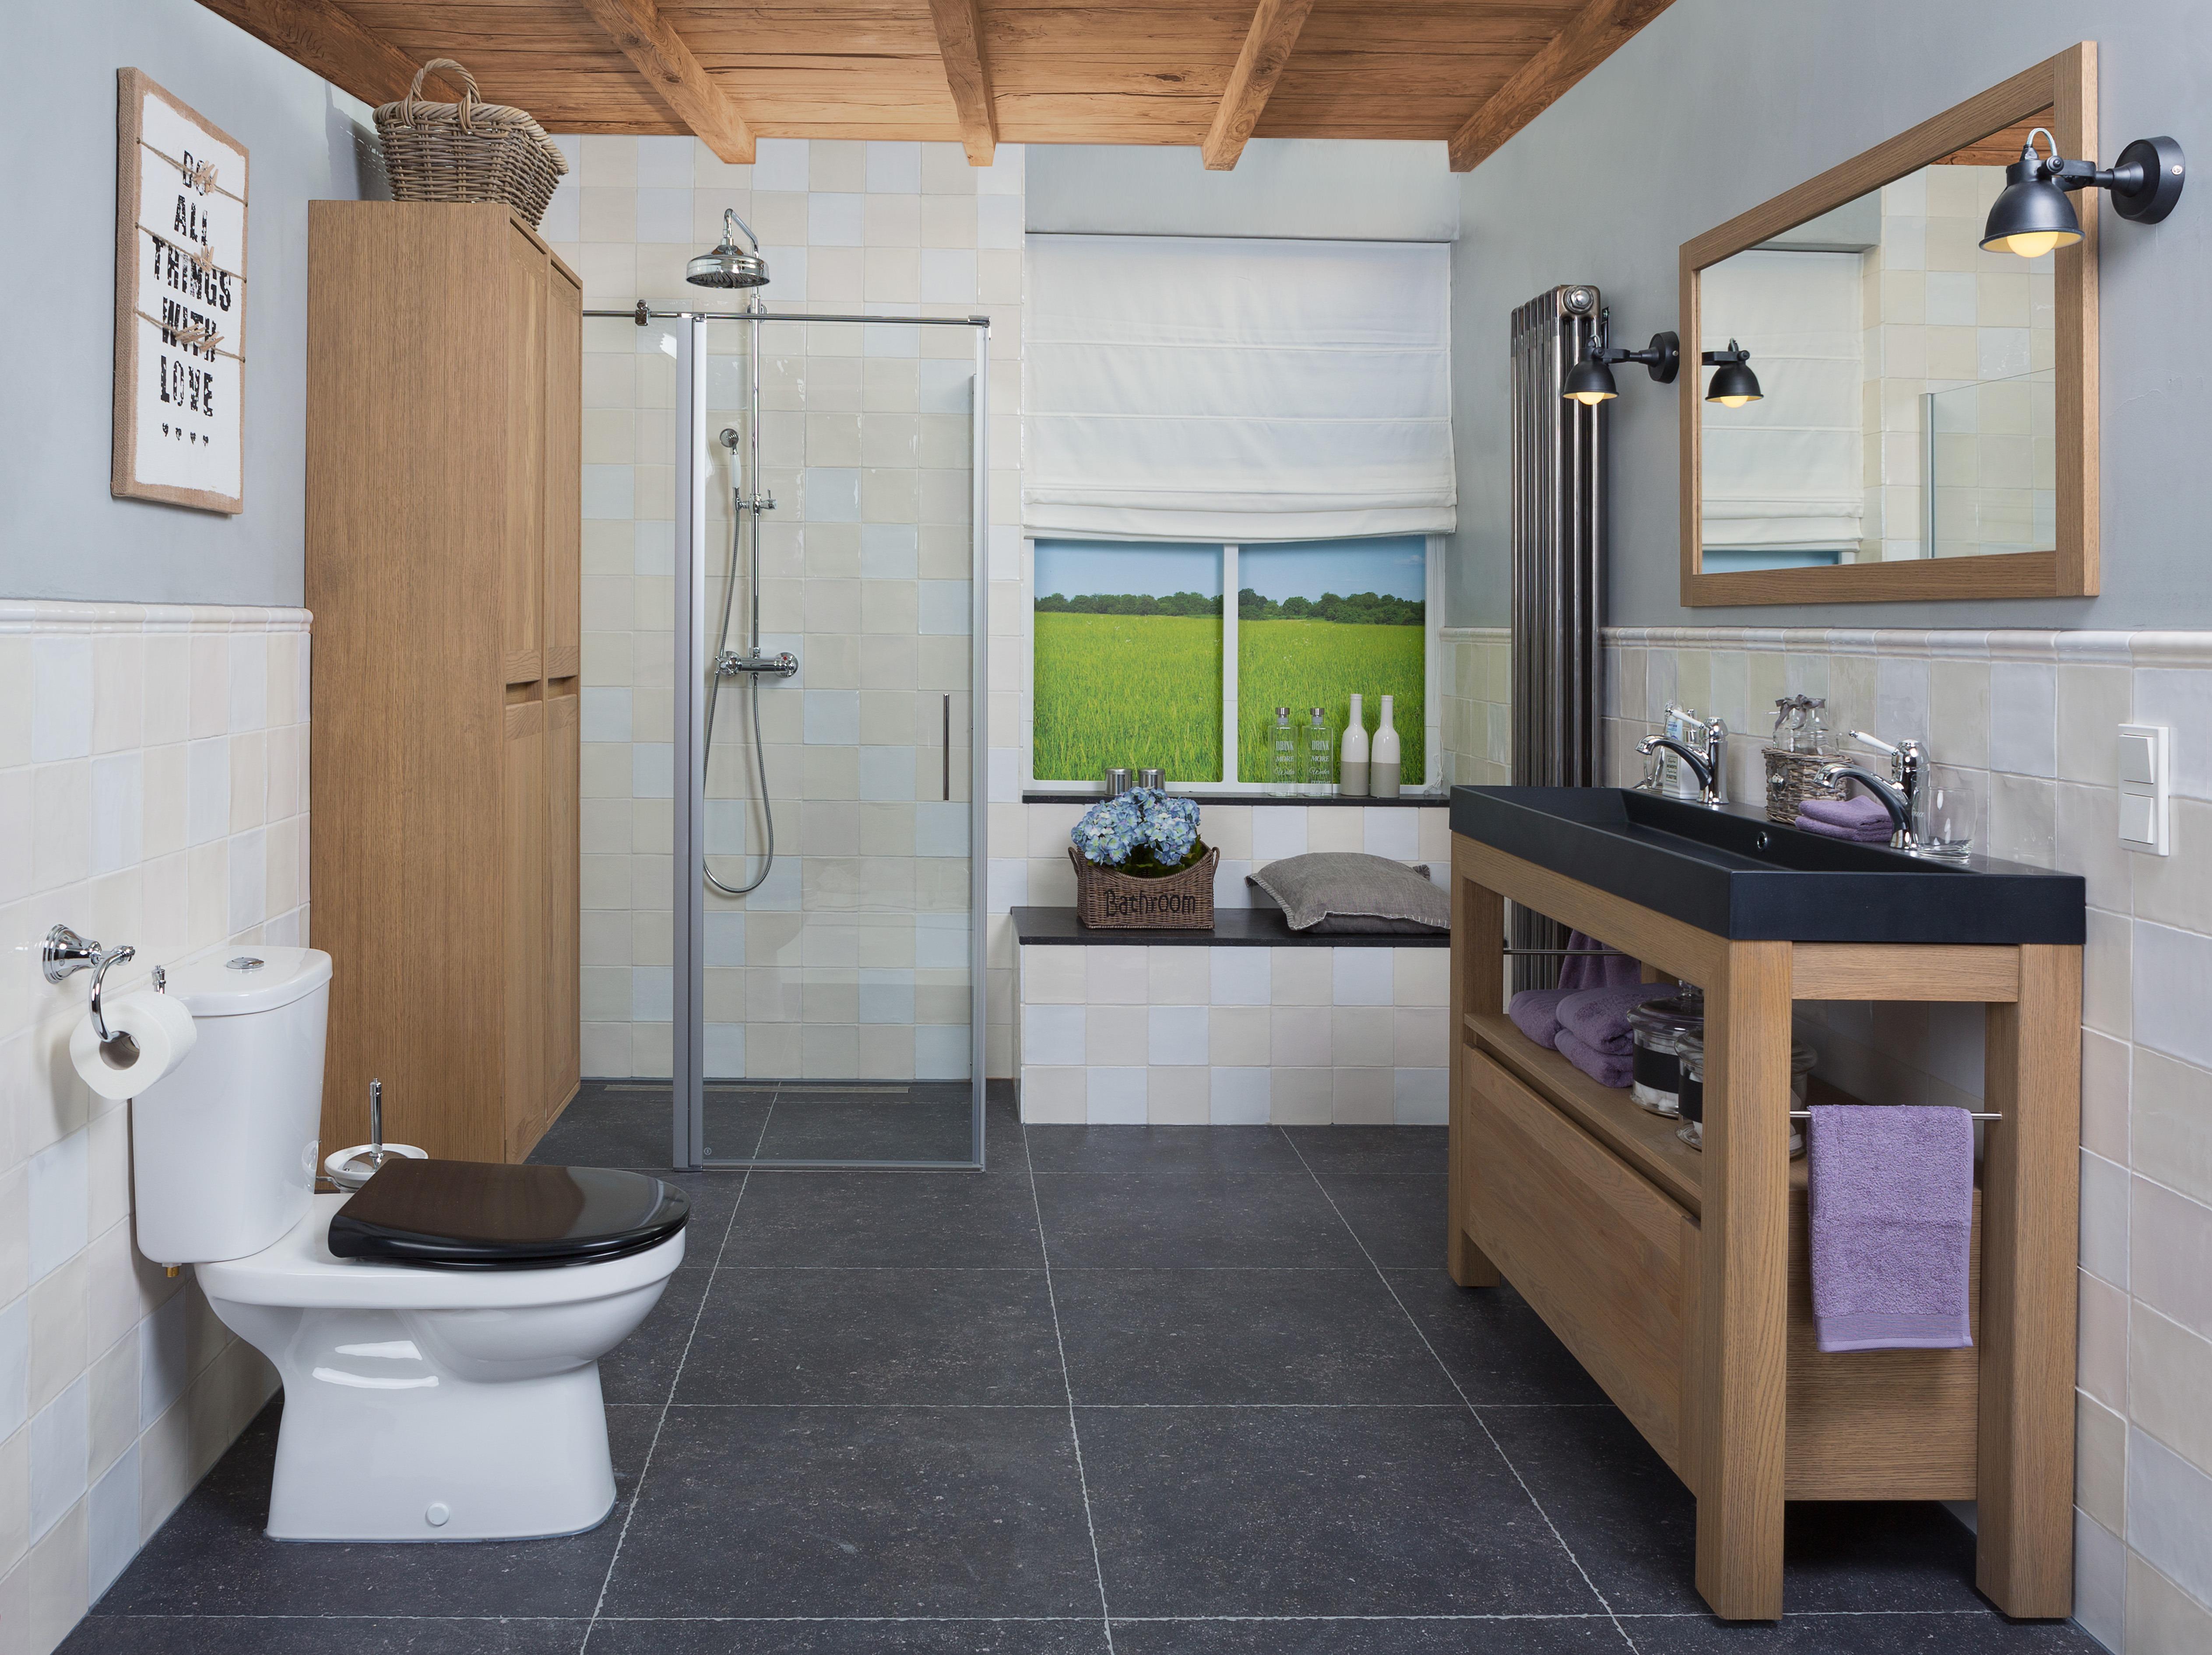 Landelijke stijl - Wiesenekker Badkamerconcepten